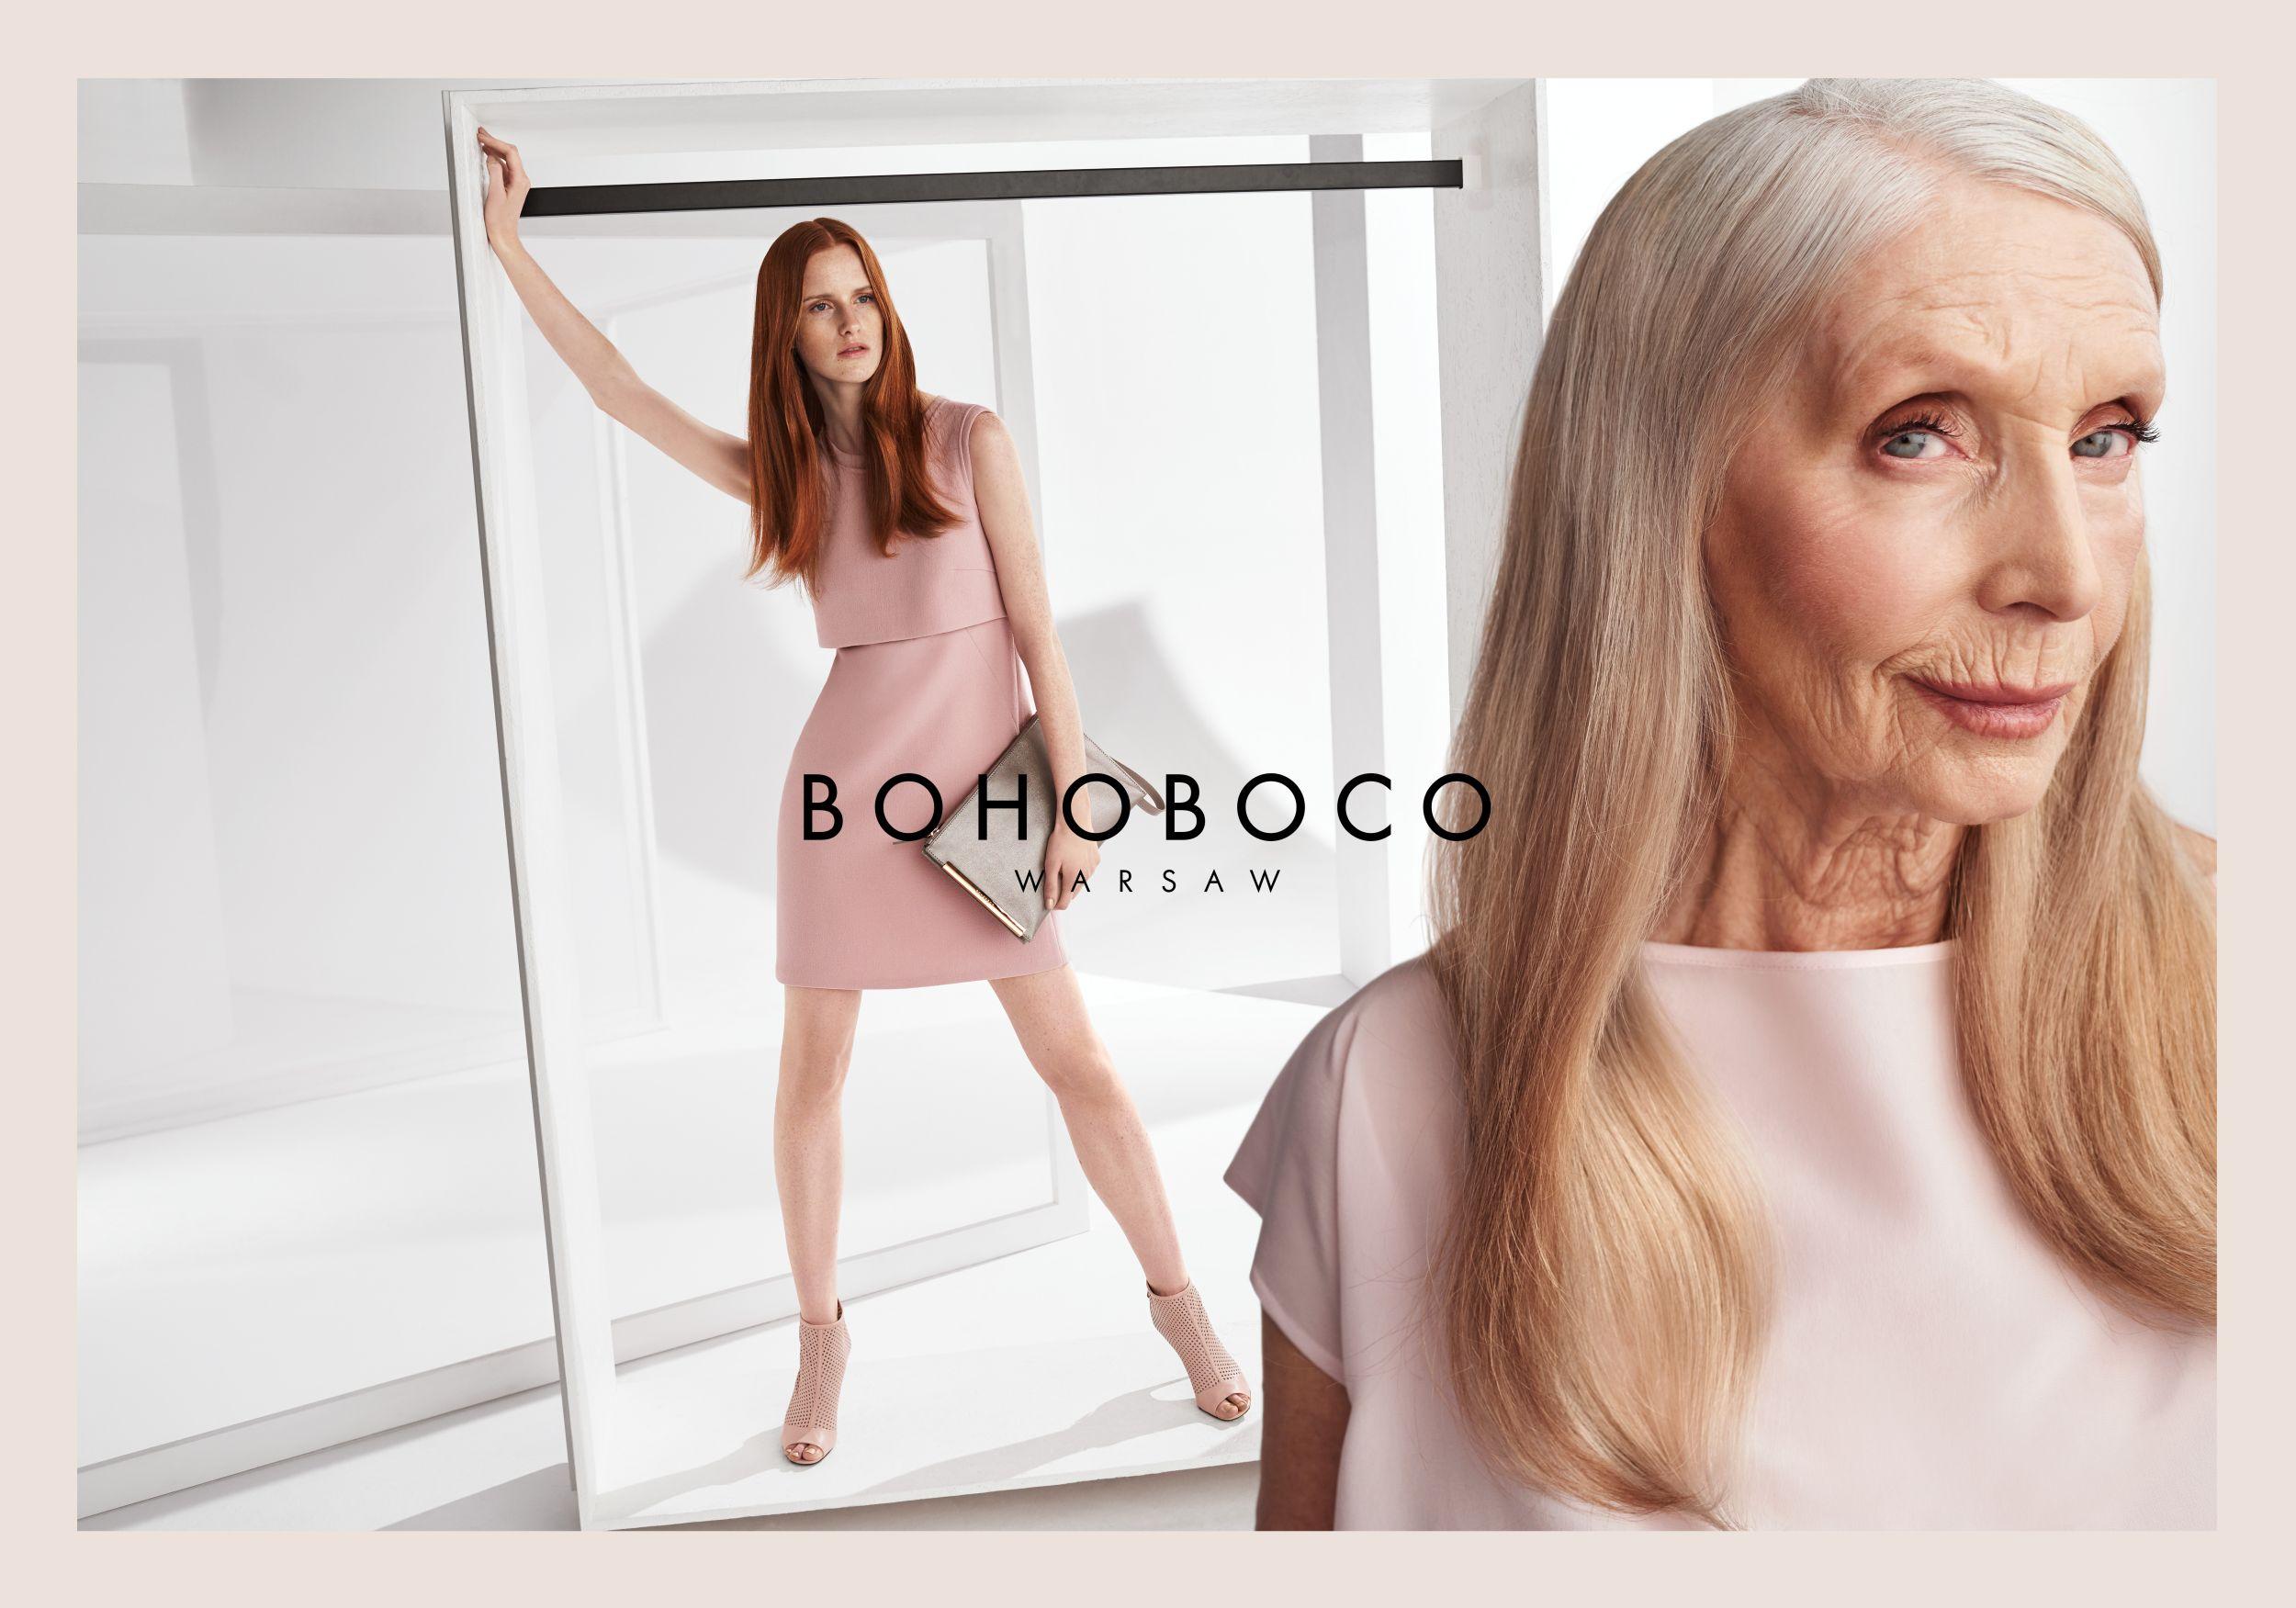 Helena Norowicz w kampanii Bohoboco (fot. Bohoboco)